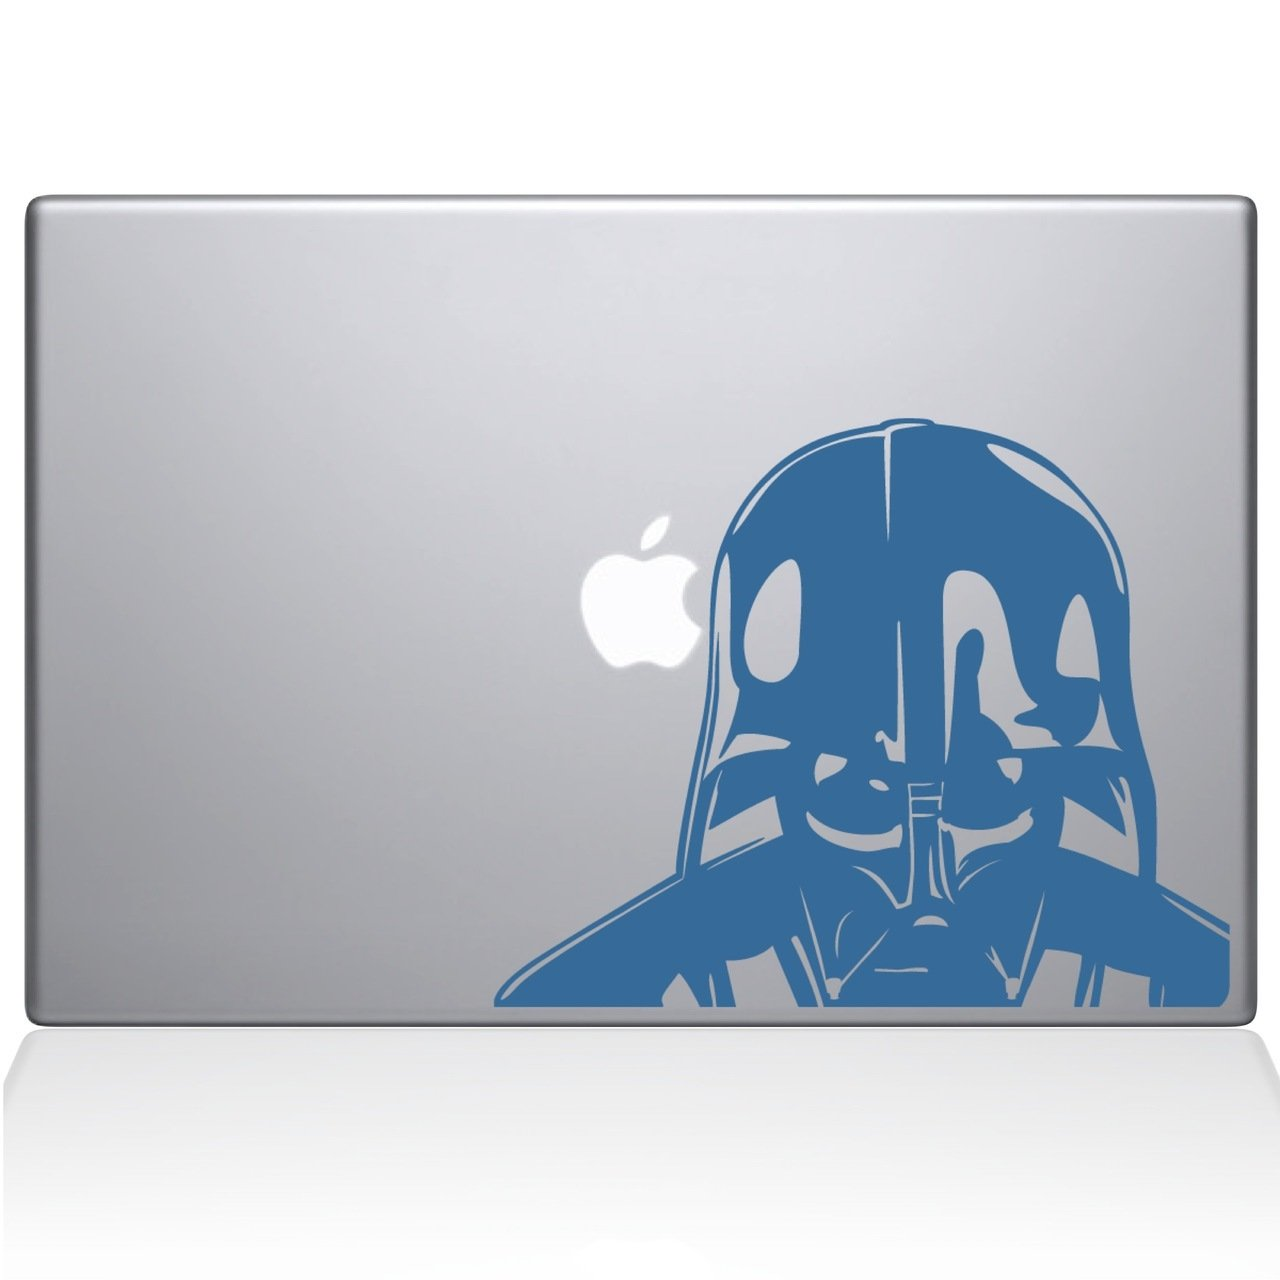 100%の保証 Darth B07239NBSV Vader Head Macbookデカール Darth グレイ、Die Cut Vinyl Decal for Windows車、トラック、ツールボックス、ノートパソコン、ほぼすべてmacbook-ハード、滑らかな表面 グレイ Titans-Unique-Design-119011-Light-Blue ライトブルー B07239NBSV, 中川村:eb1d31cb --- kickit.co.ke